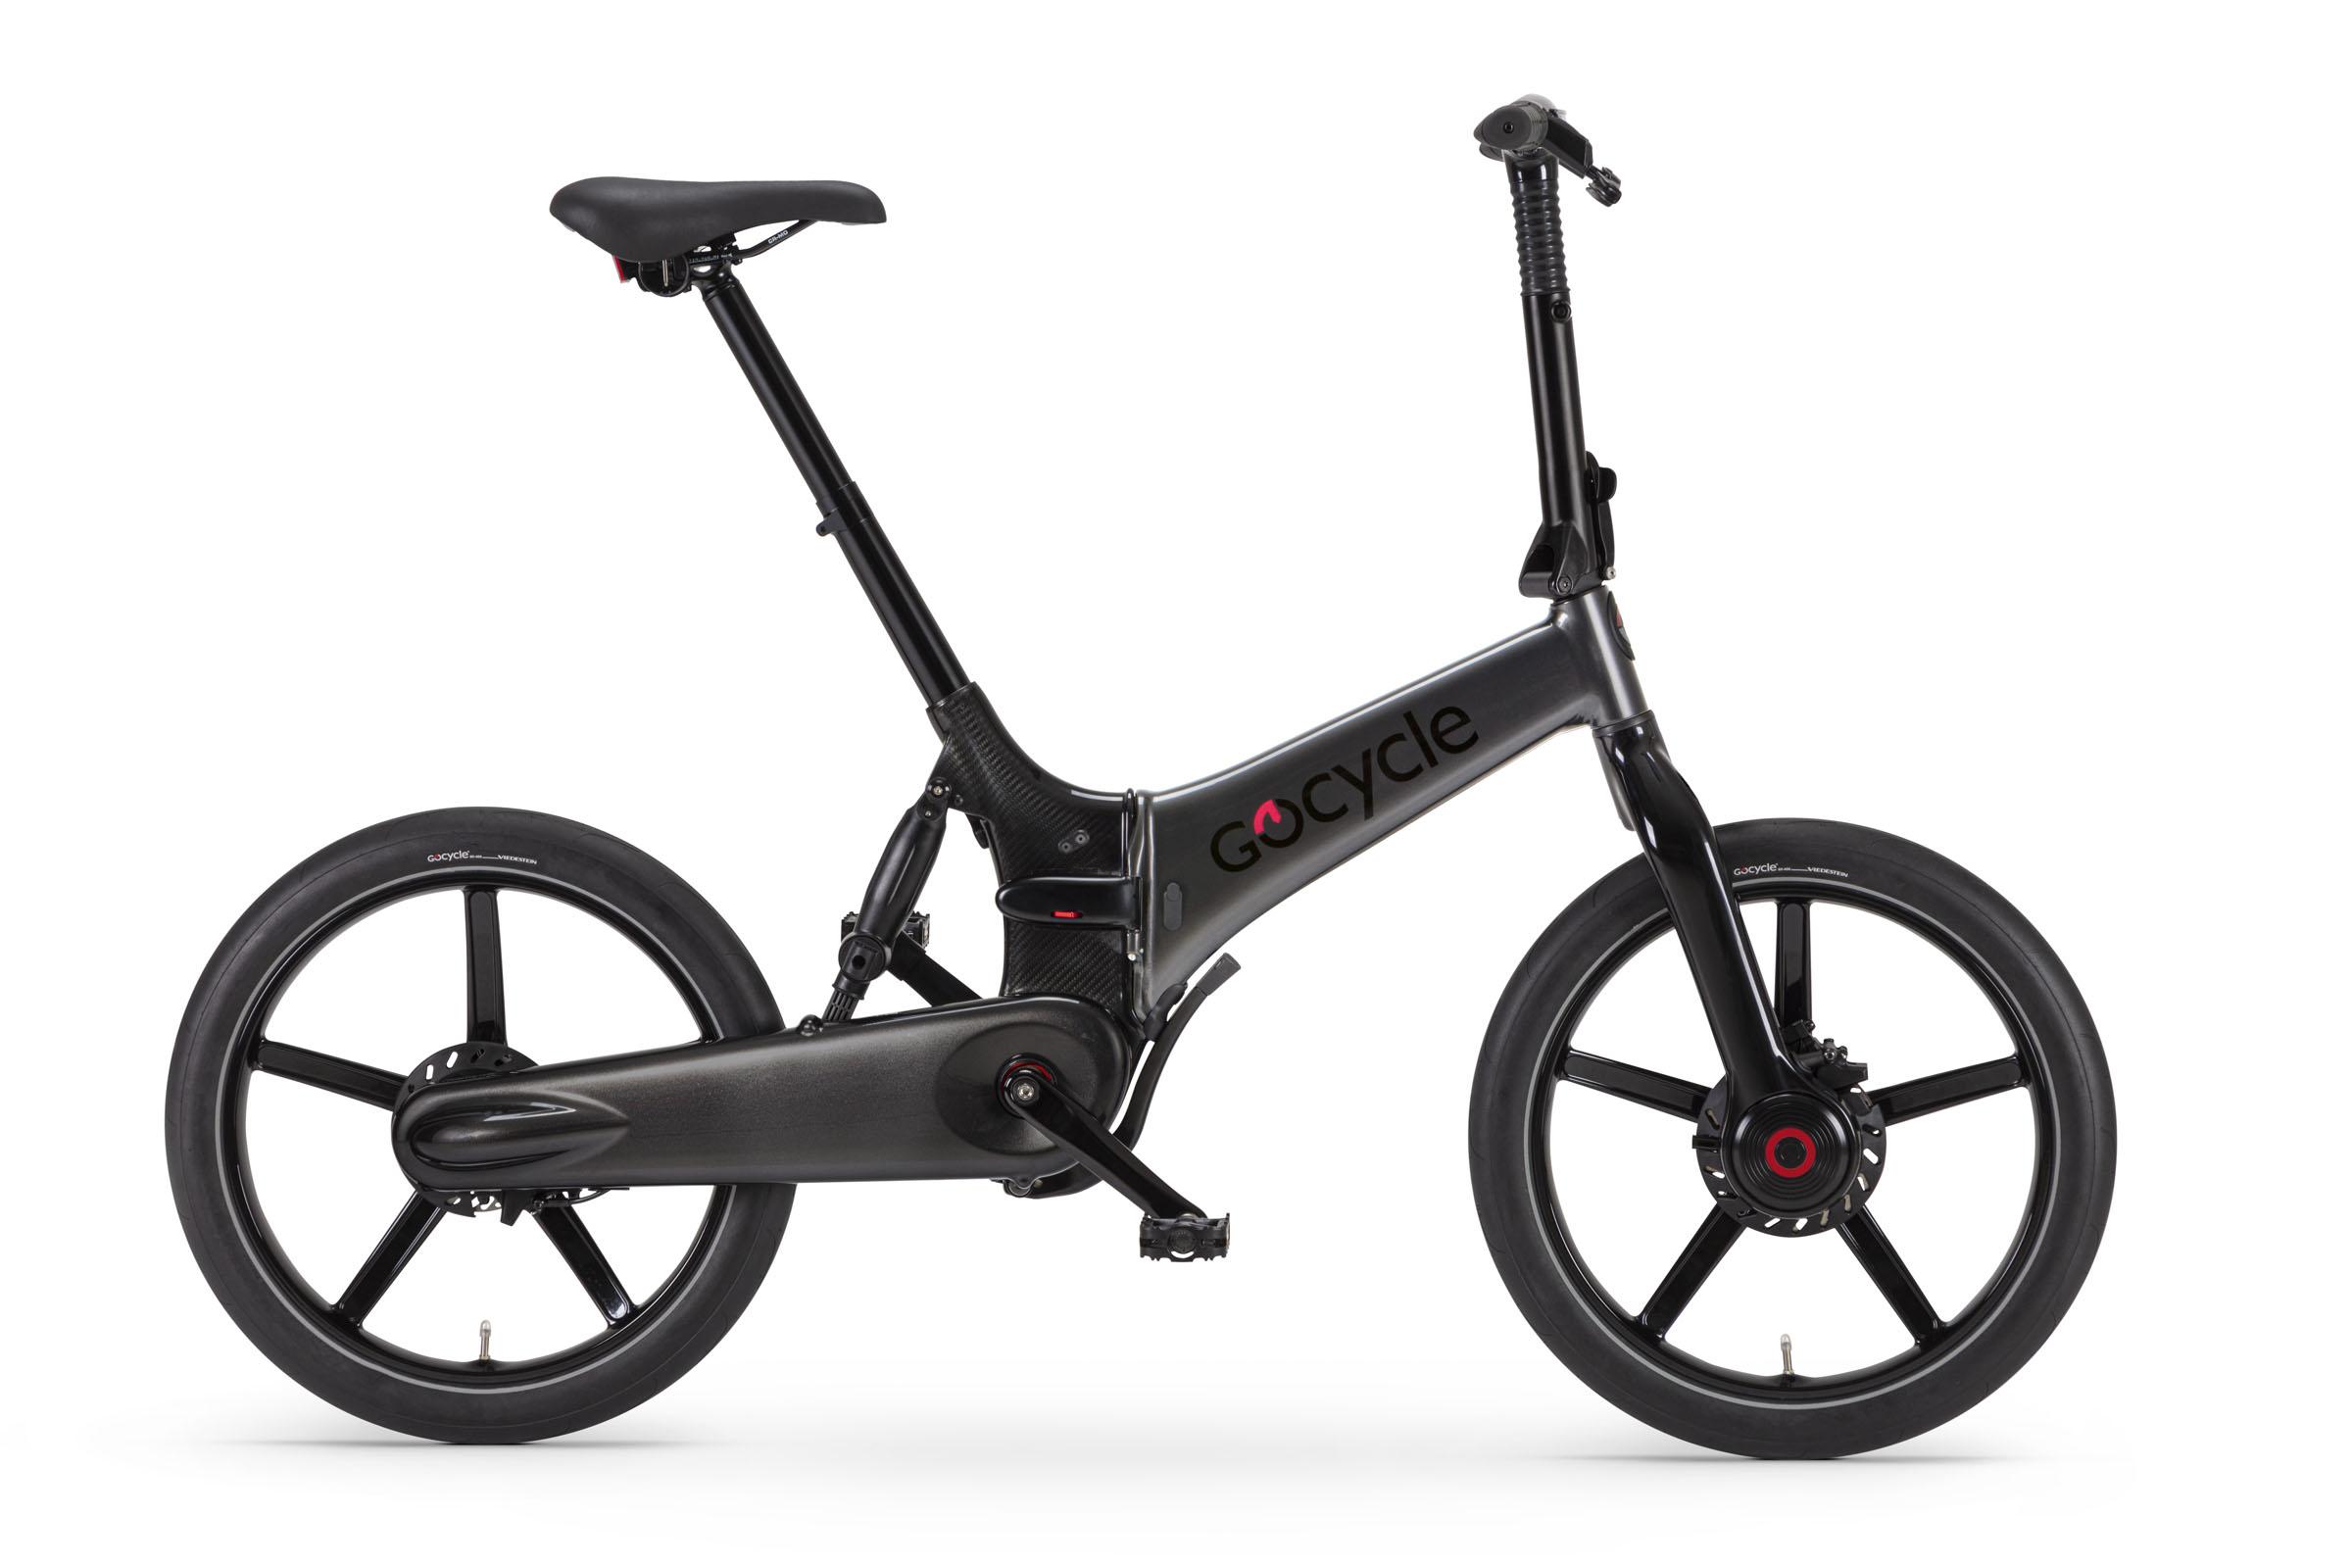 Gocycle G4i vélo électrique pliant enfolding bike